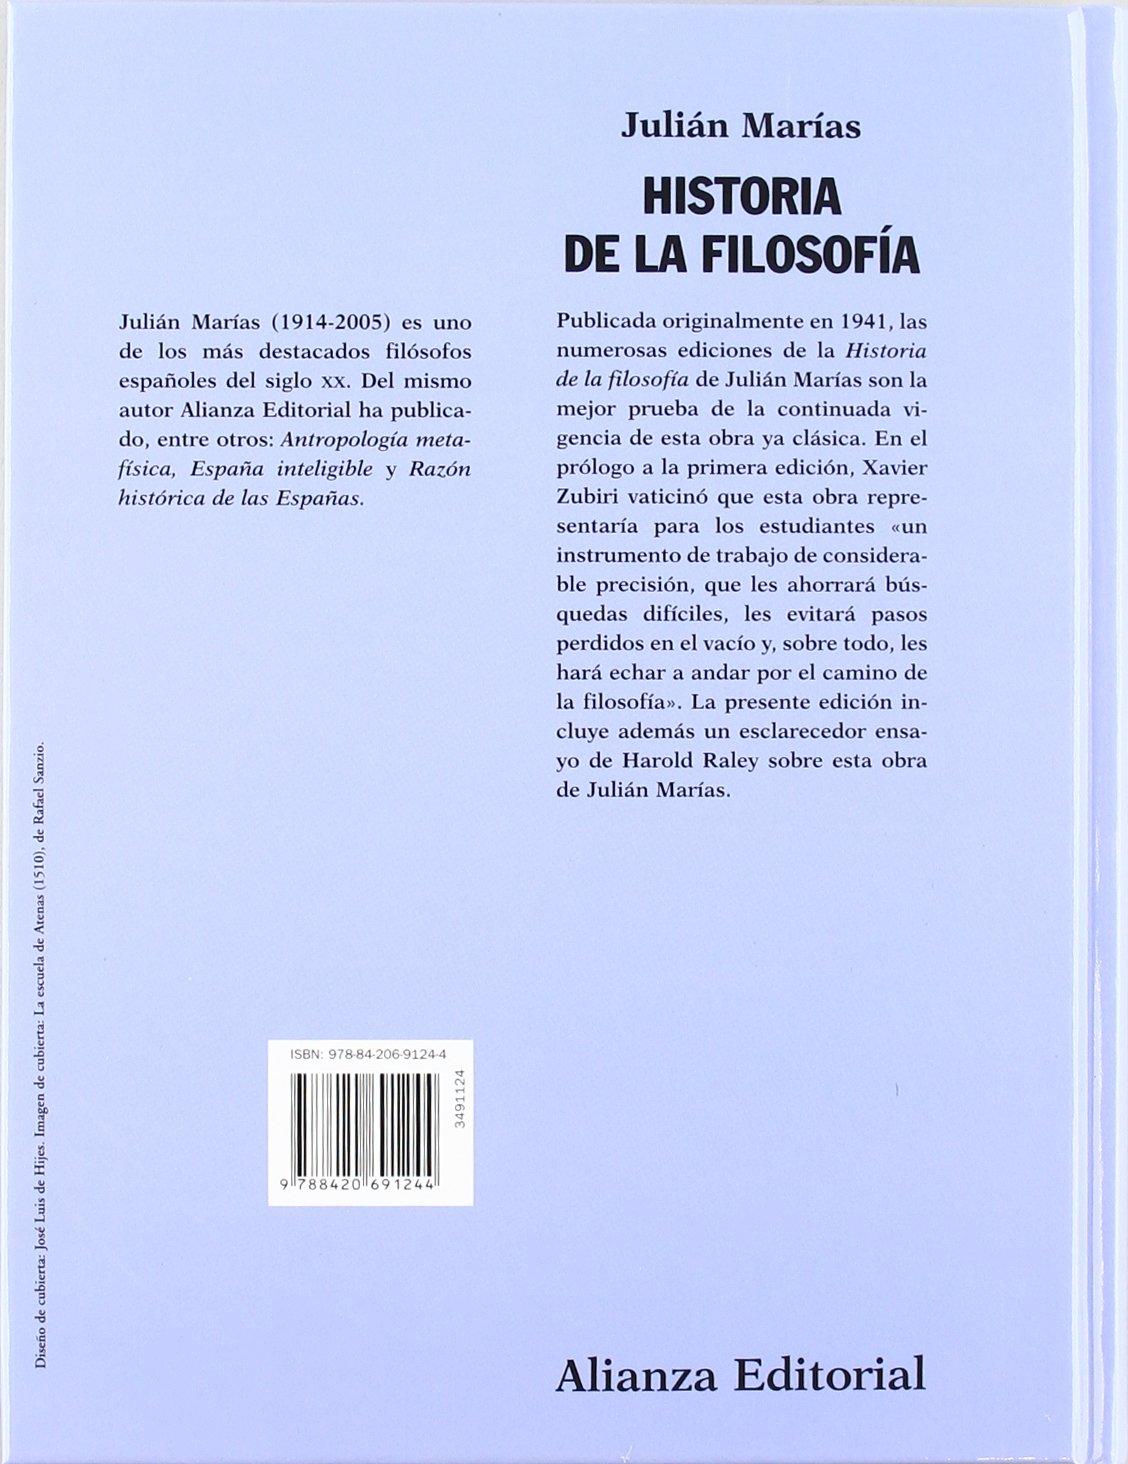 Historia de la filosofía El Libro Universitario - Manuales: Amazon.es: Marías, Julián, Zubiri Apalategui, Xavier, Raley, Harold: Libros